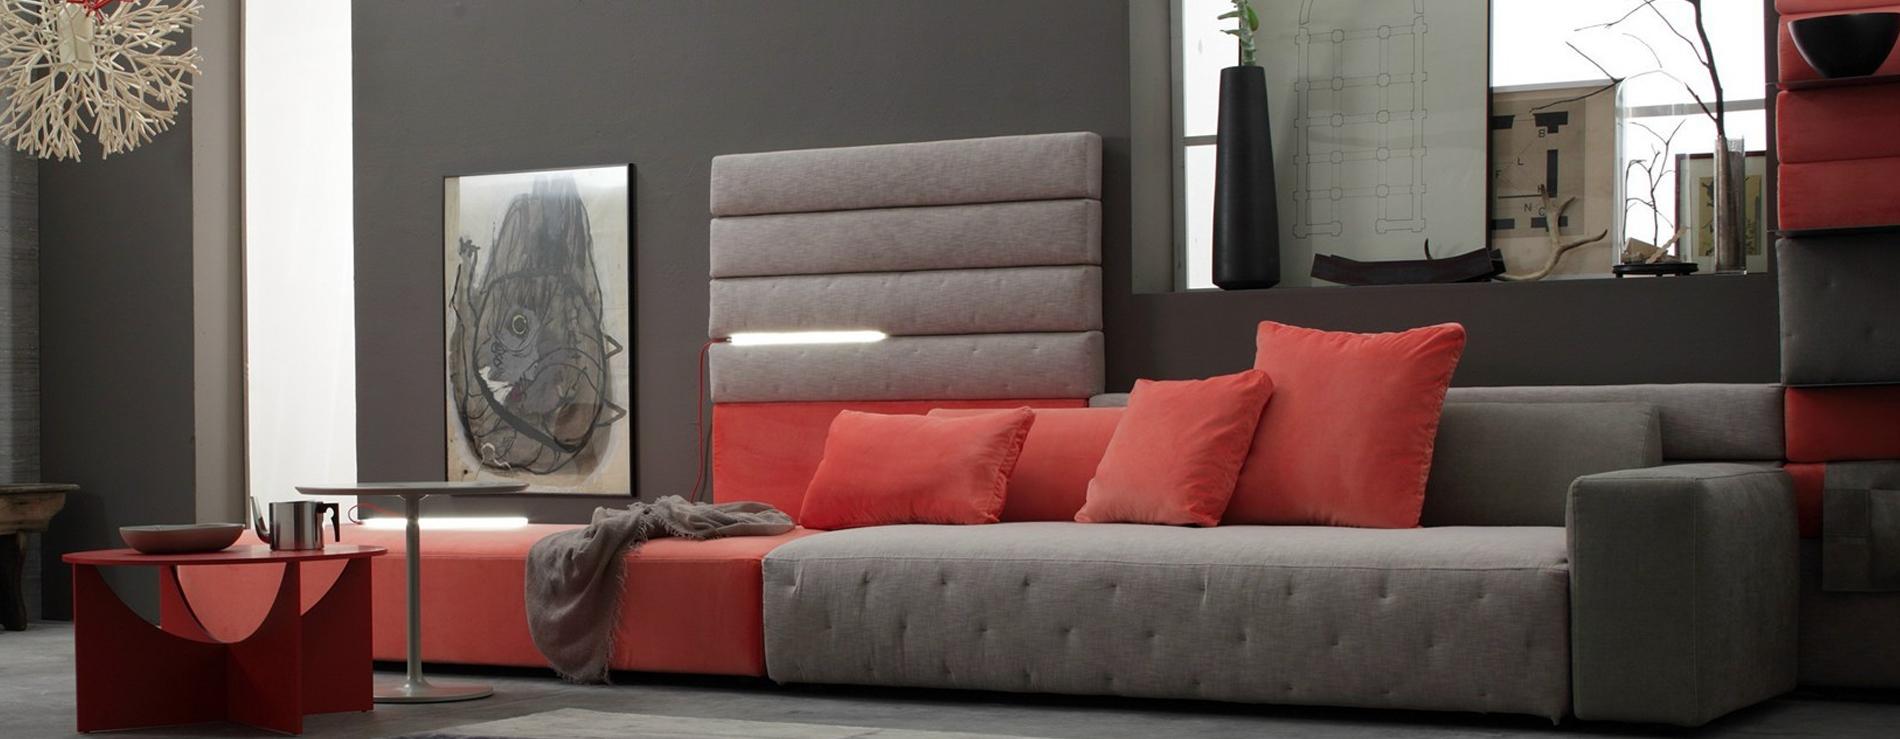 Divani letto twils divani trasformabili in letto per for Centro italiano mobili